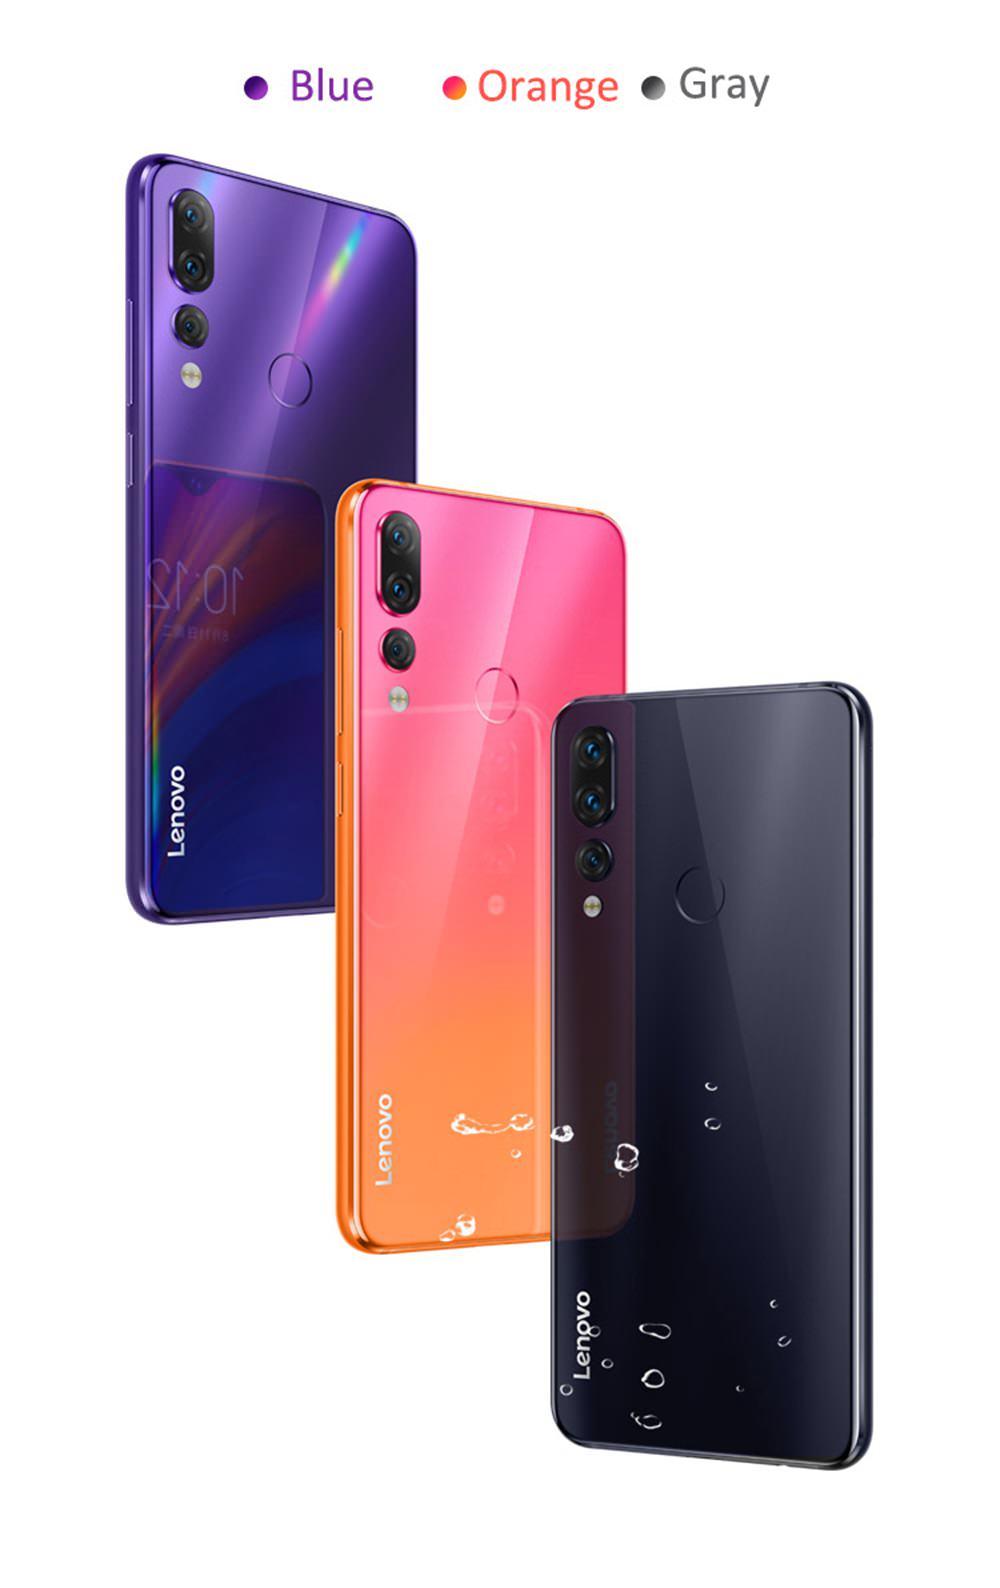 buy lenovo z5s 4g smartphone